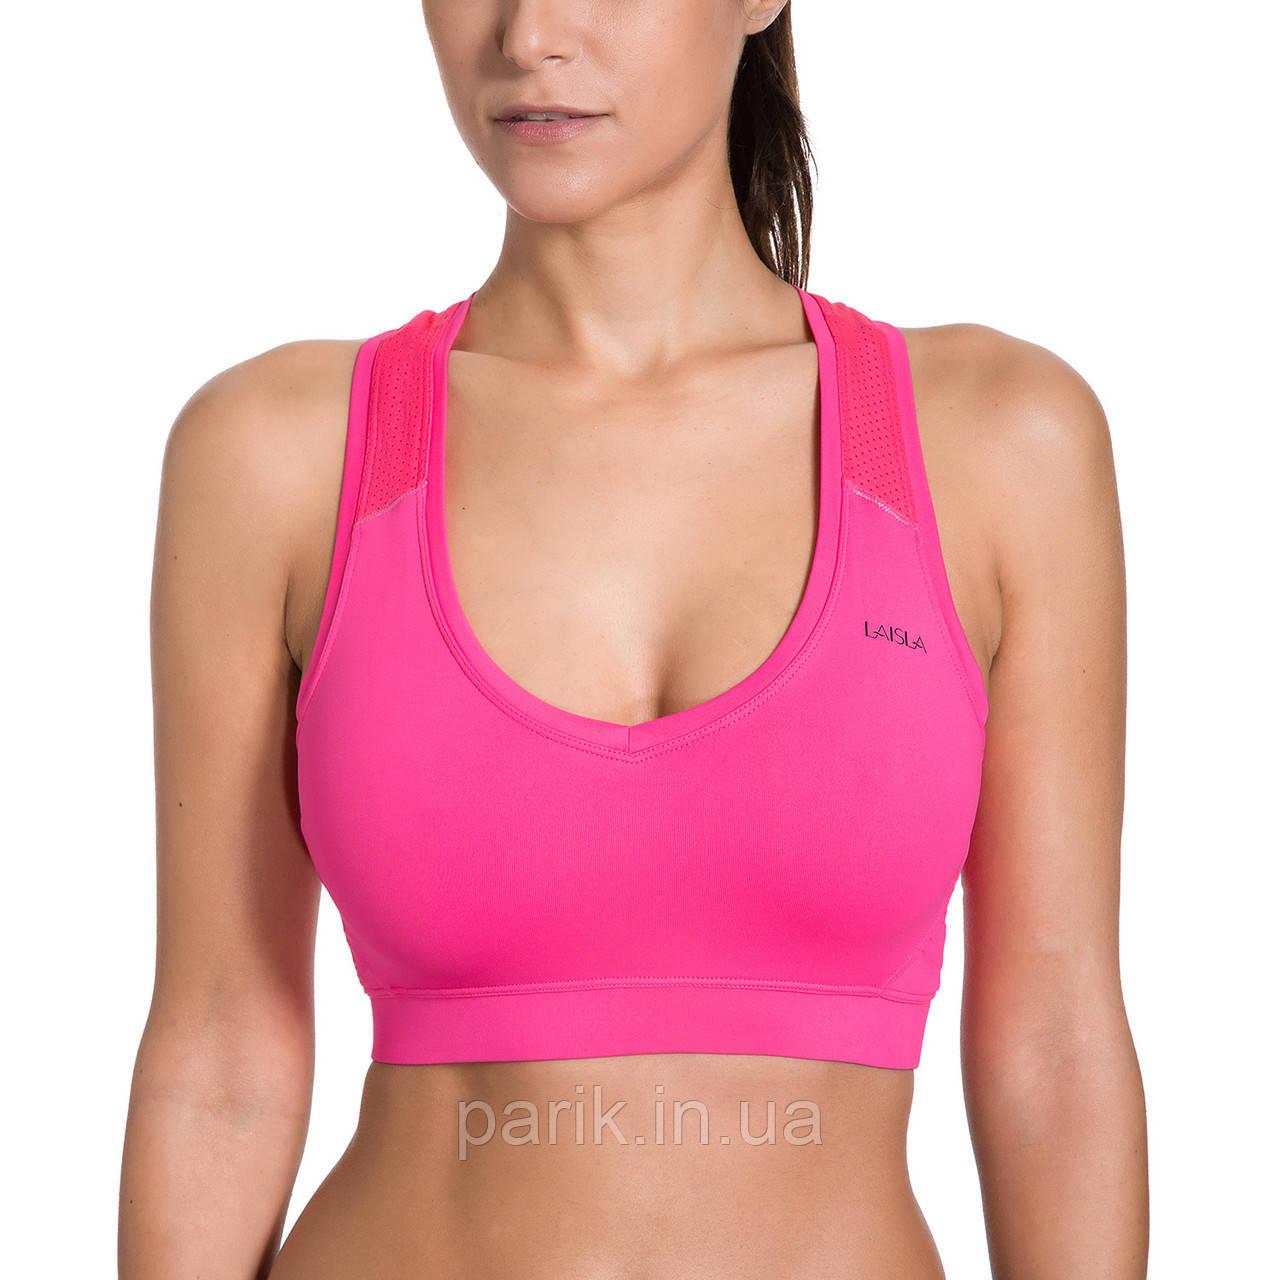 Спортивный топик топ лиф для фитнеса розовый LAISLA (XXL) №40p Спортивные топы топики